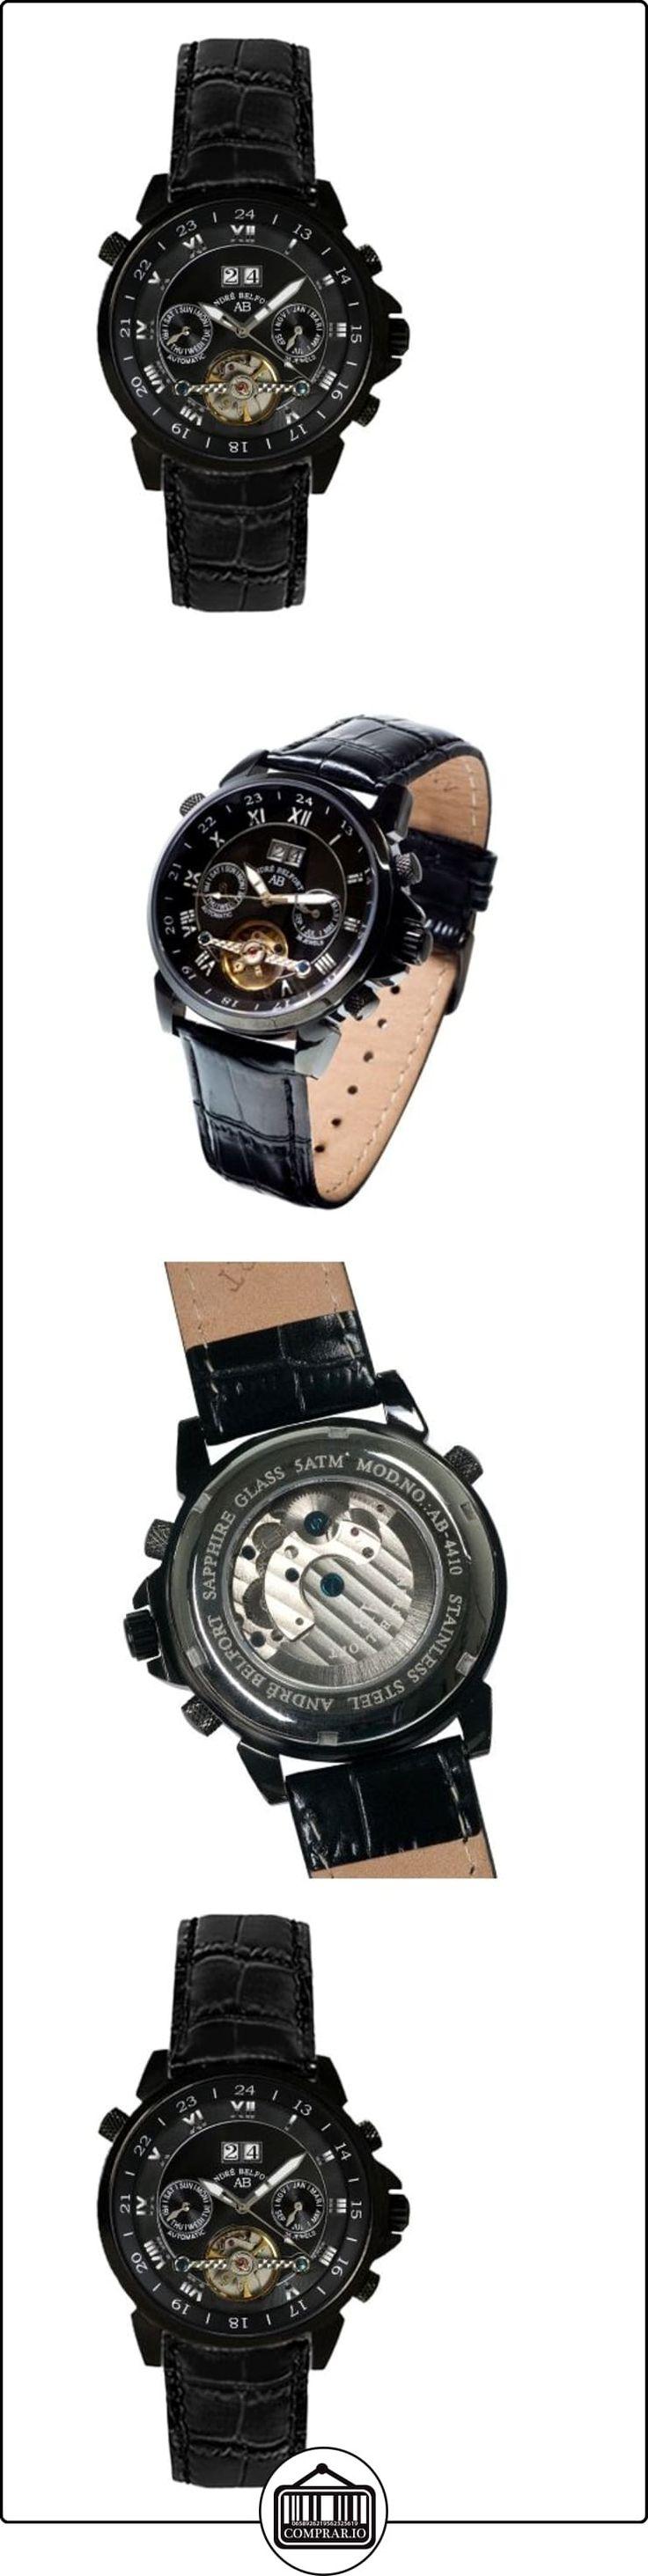 André Belfort 410137 - Reloj analógico de caballero automático con correa de piel negra - sumergible a 50 metros de  ✿ Relojes para hombre - (Lujo) ✿